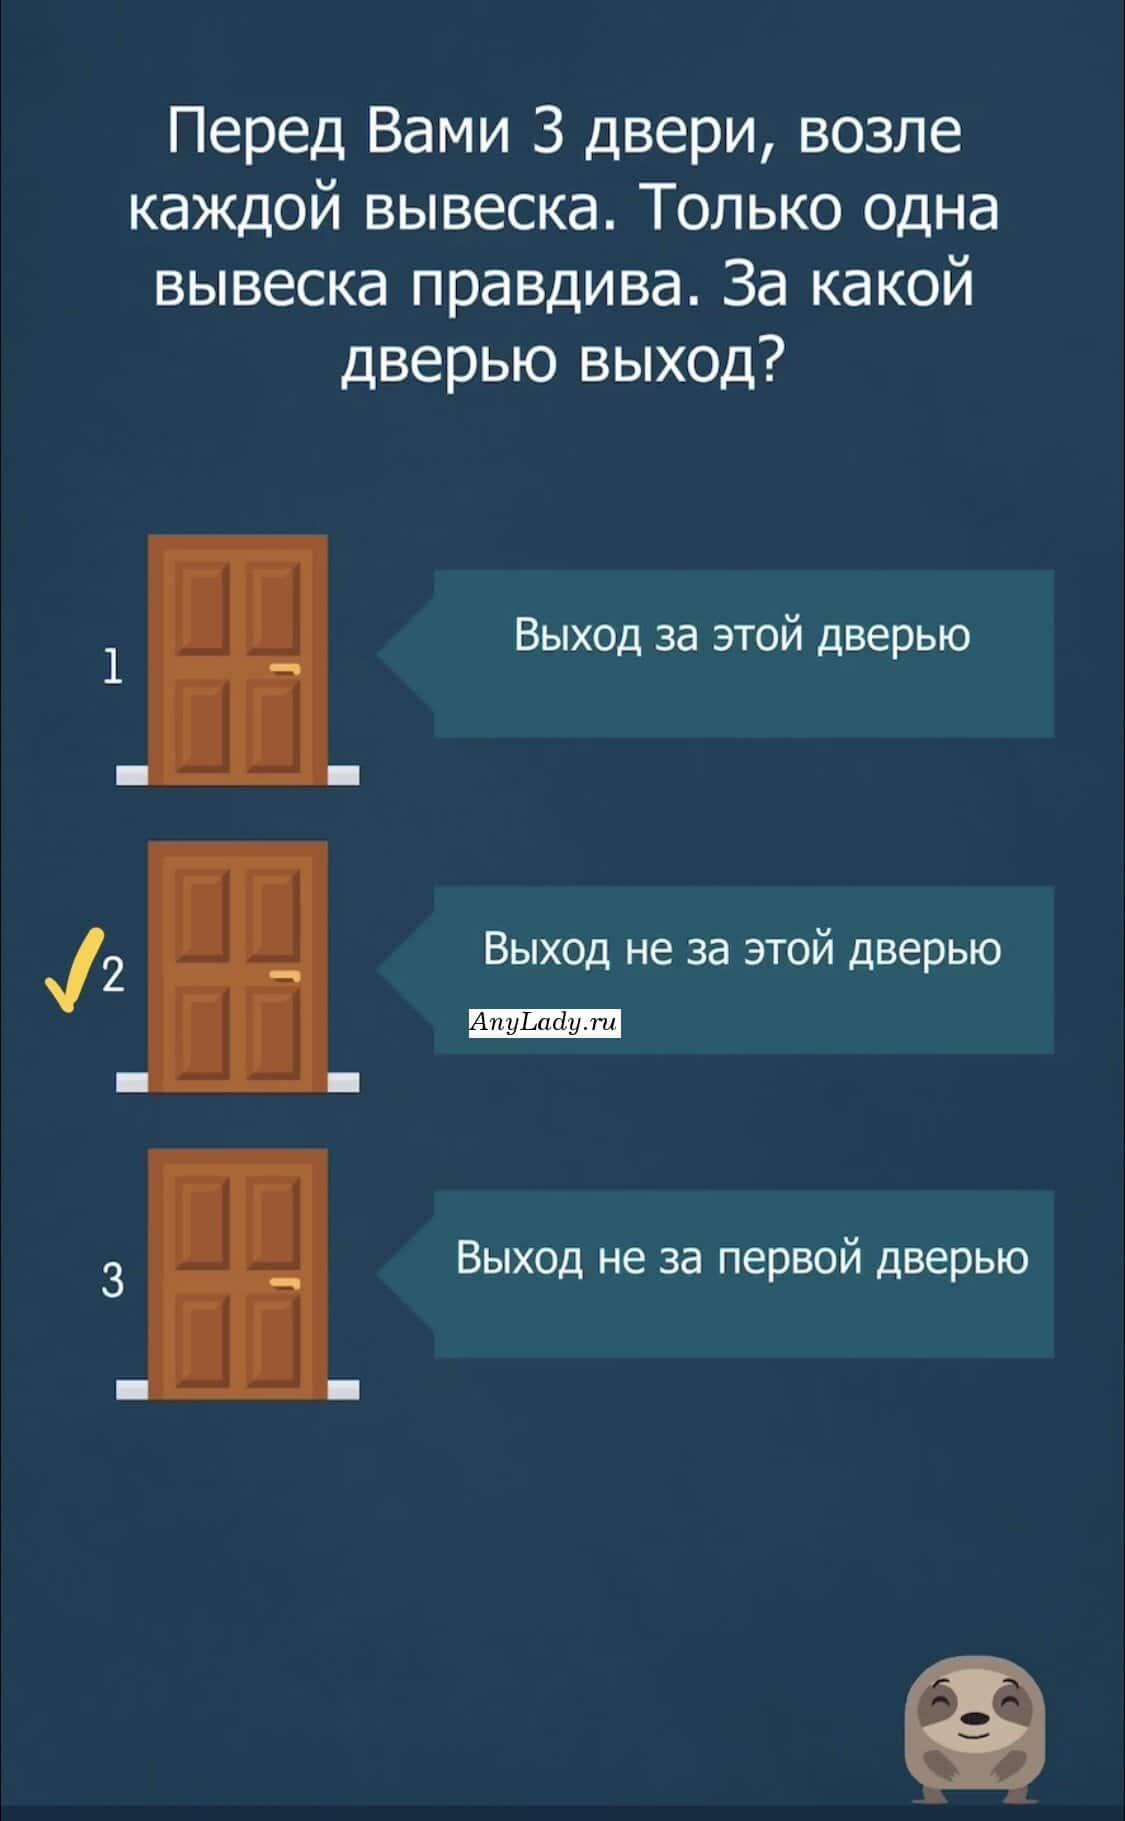 """Выход скрывается за второй дверью, с вывеской: """"Выход не за этой дверью"""""""